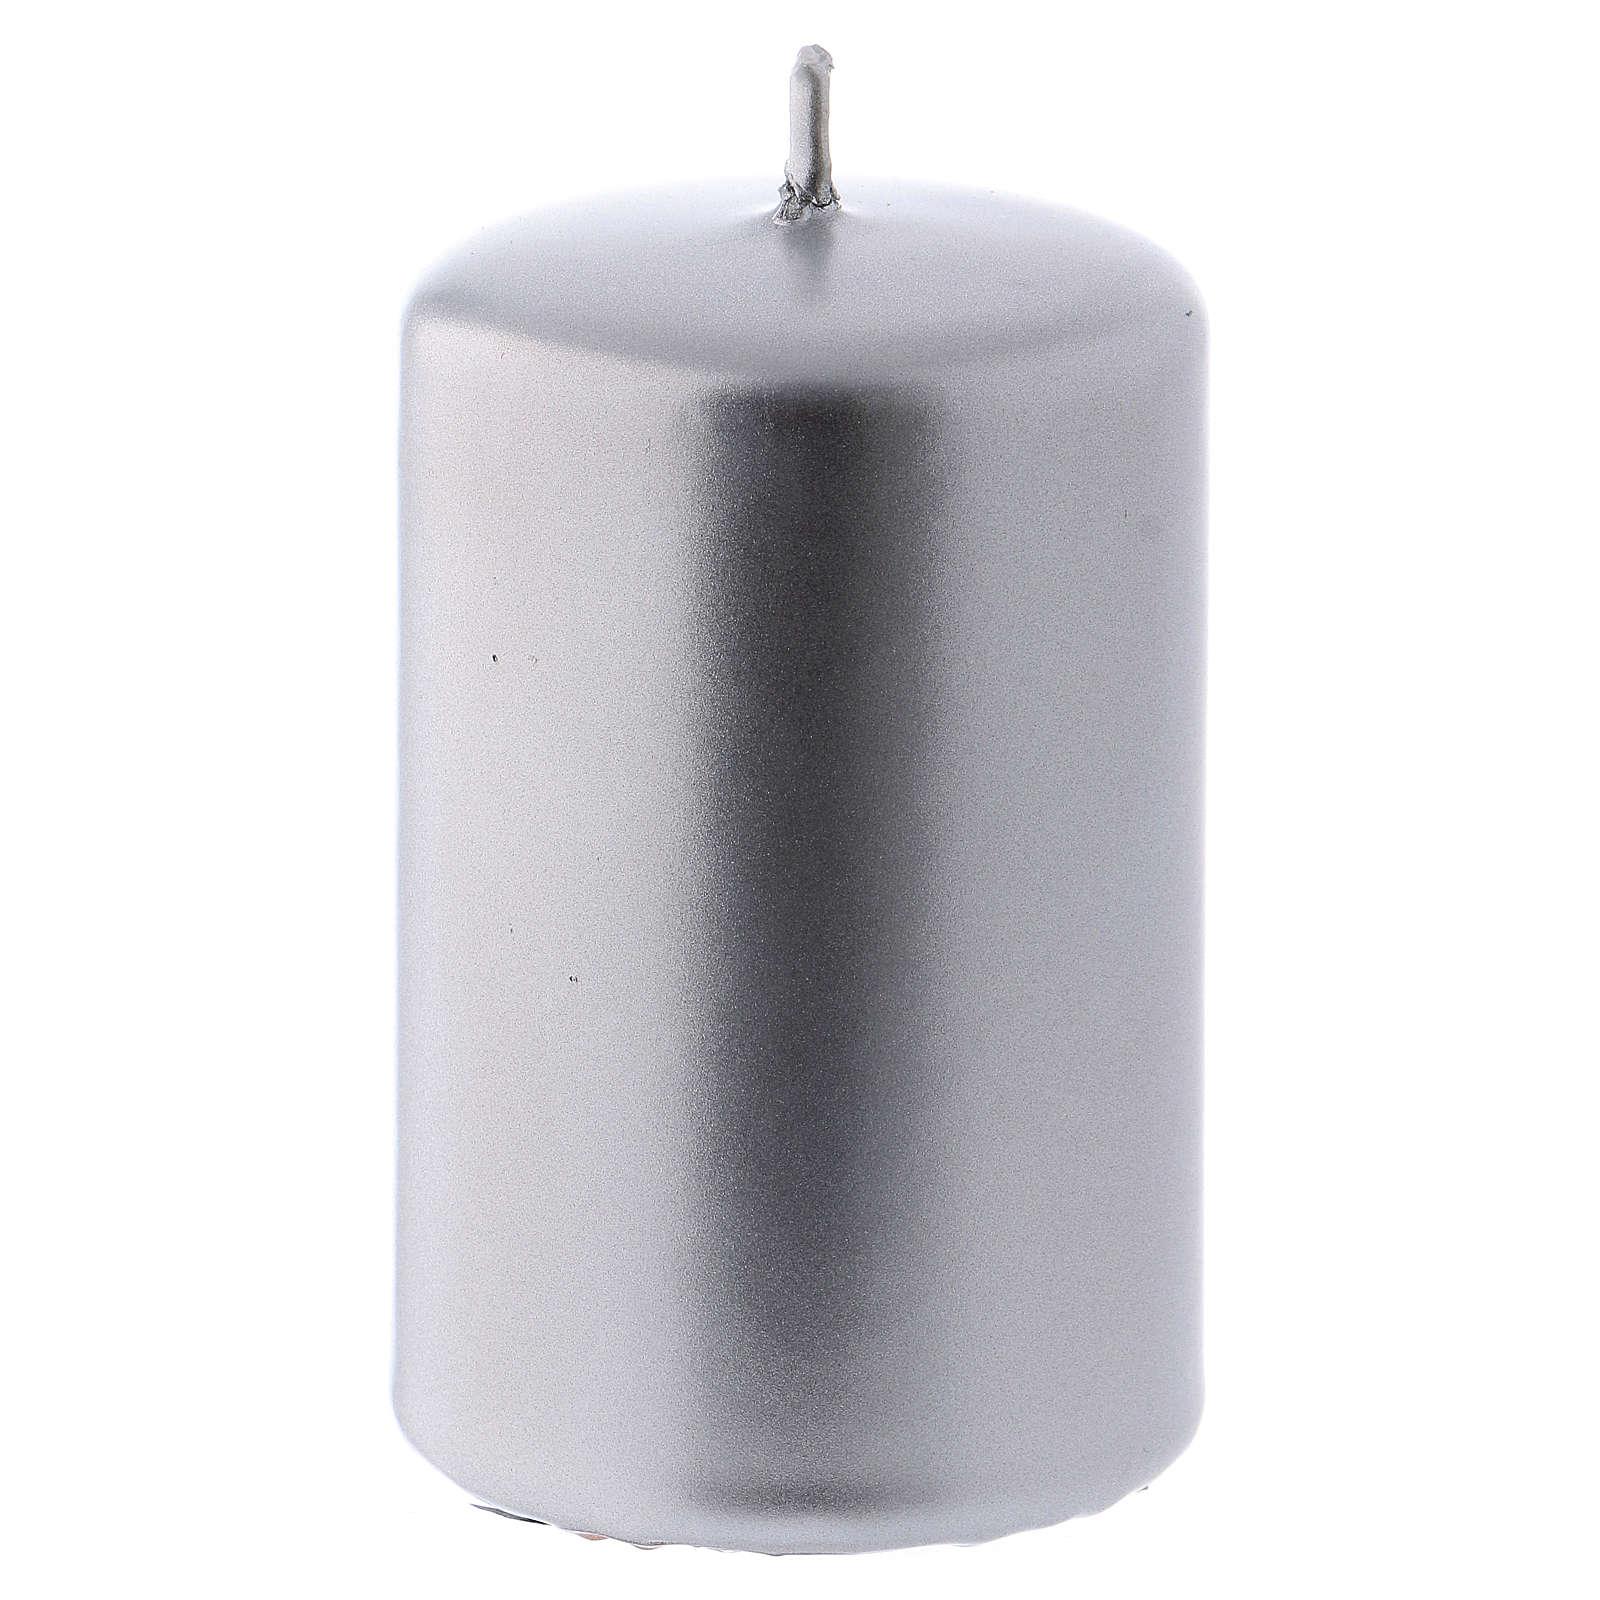 Bougie Noël métal argent Ceralacca 5x8 cm 3